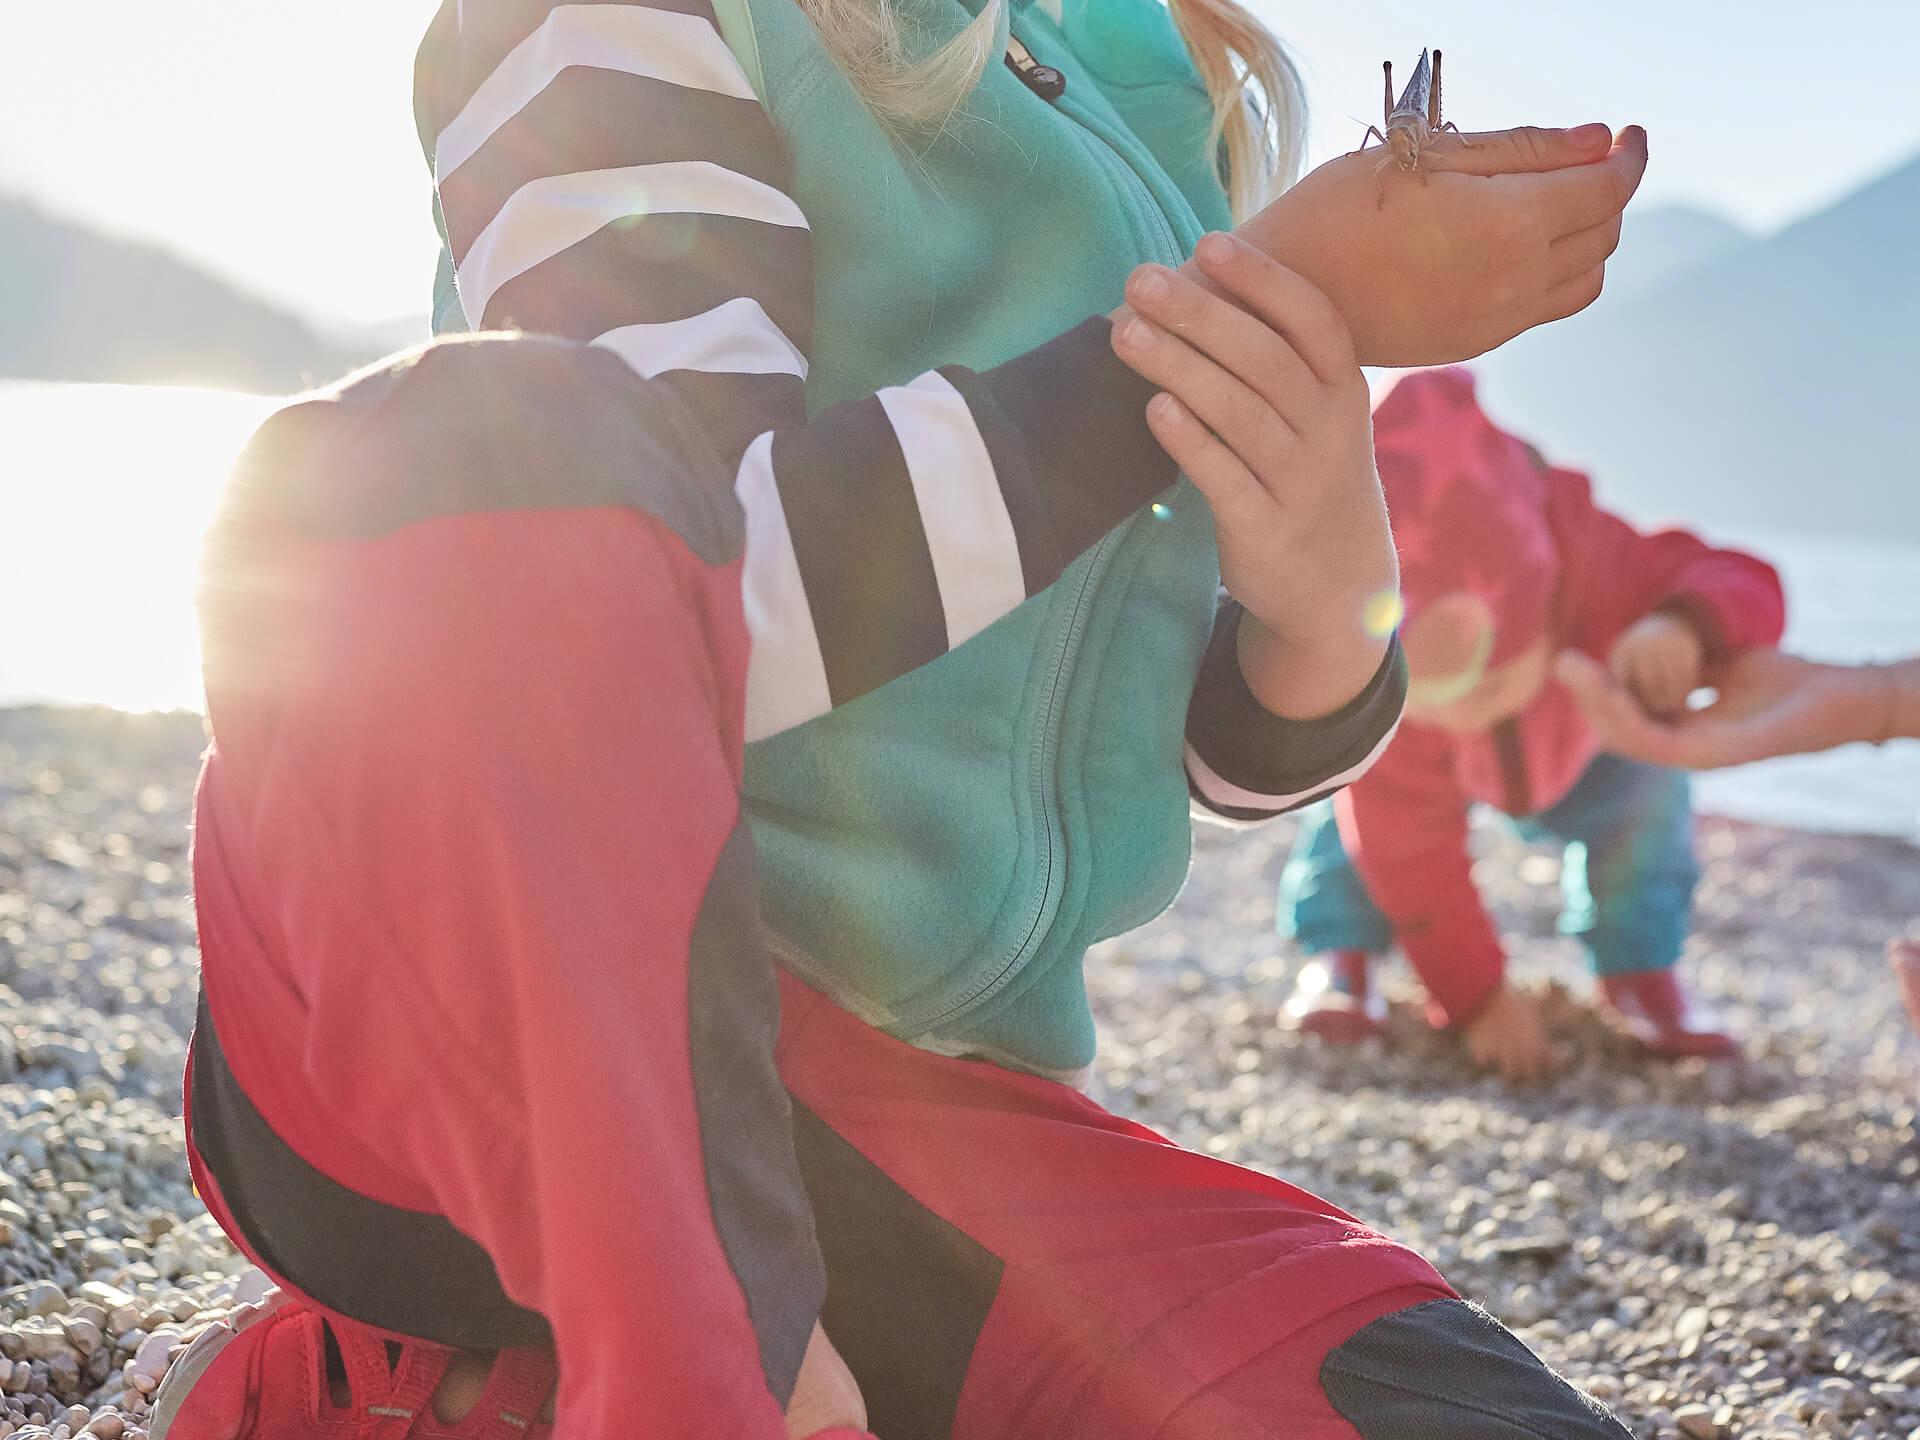 Kind mit funktionaler Winterkleidung